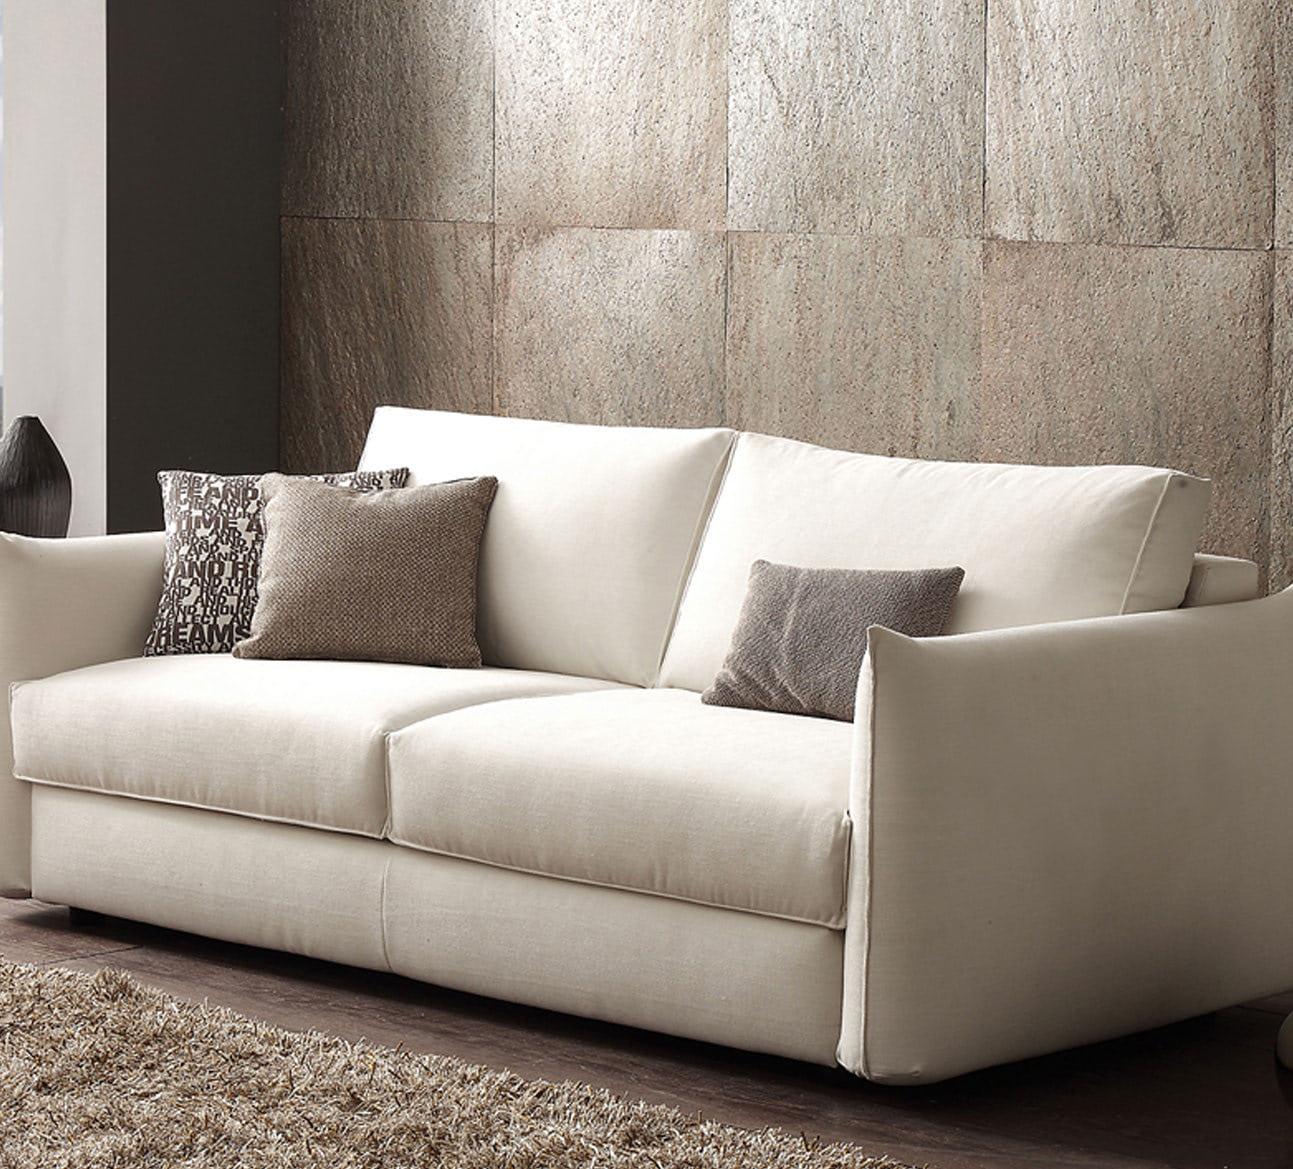 Canapea extensibila – Pillow